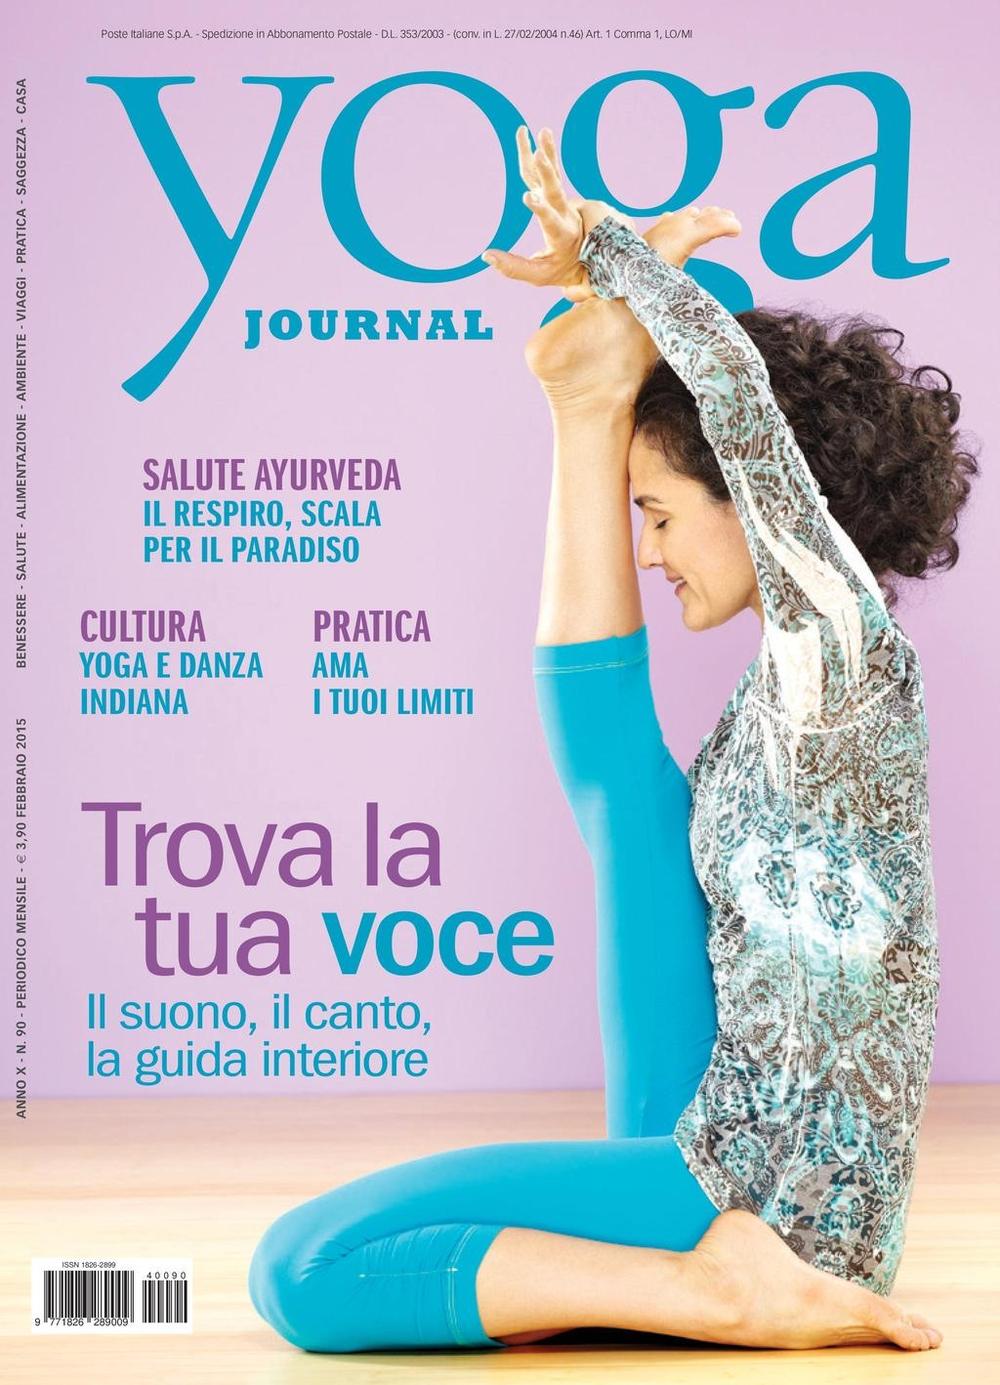 Yoga Journal n. 90